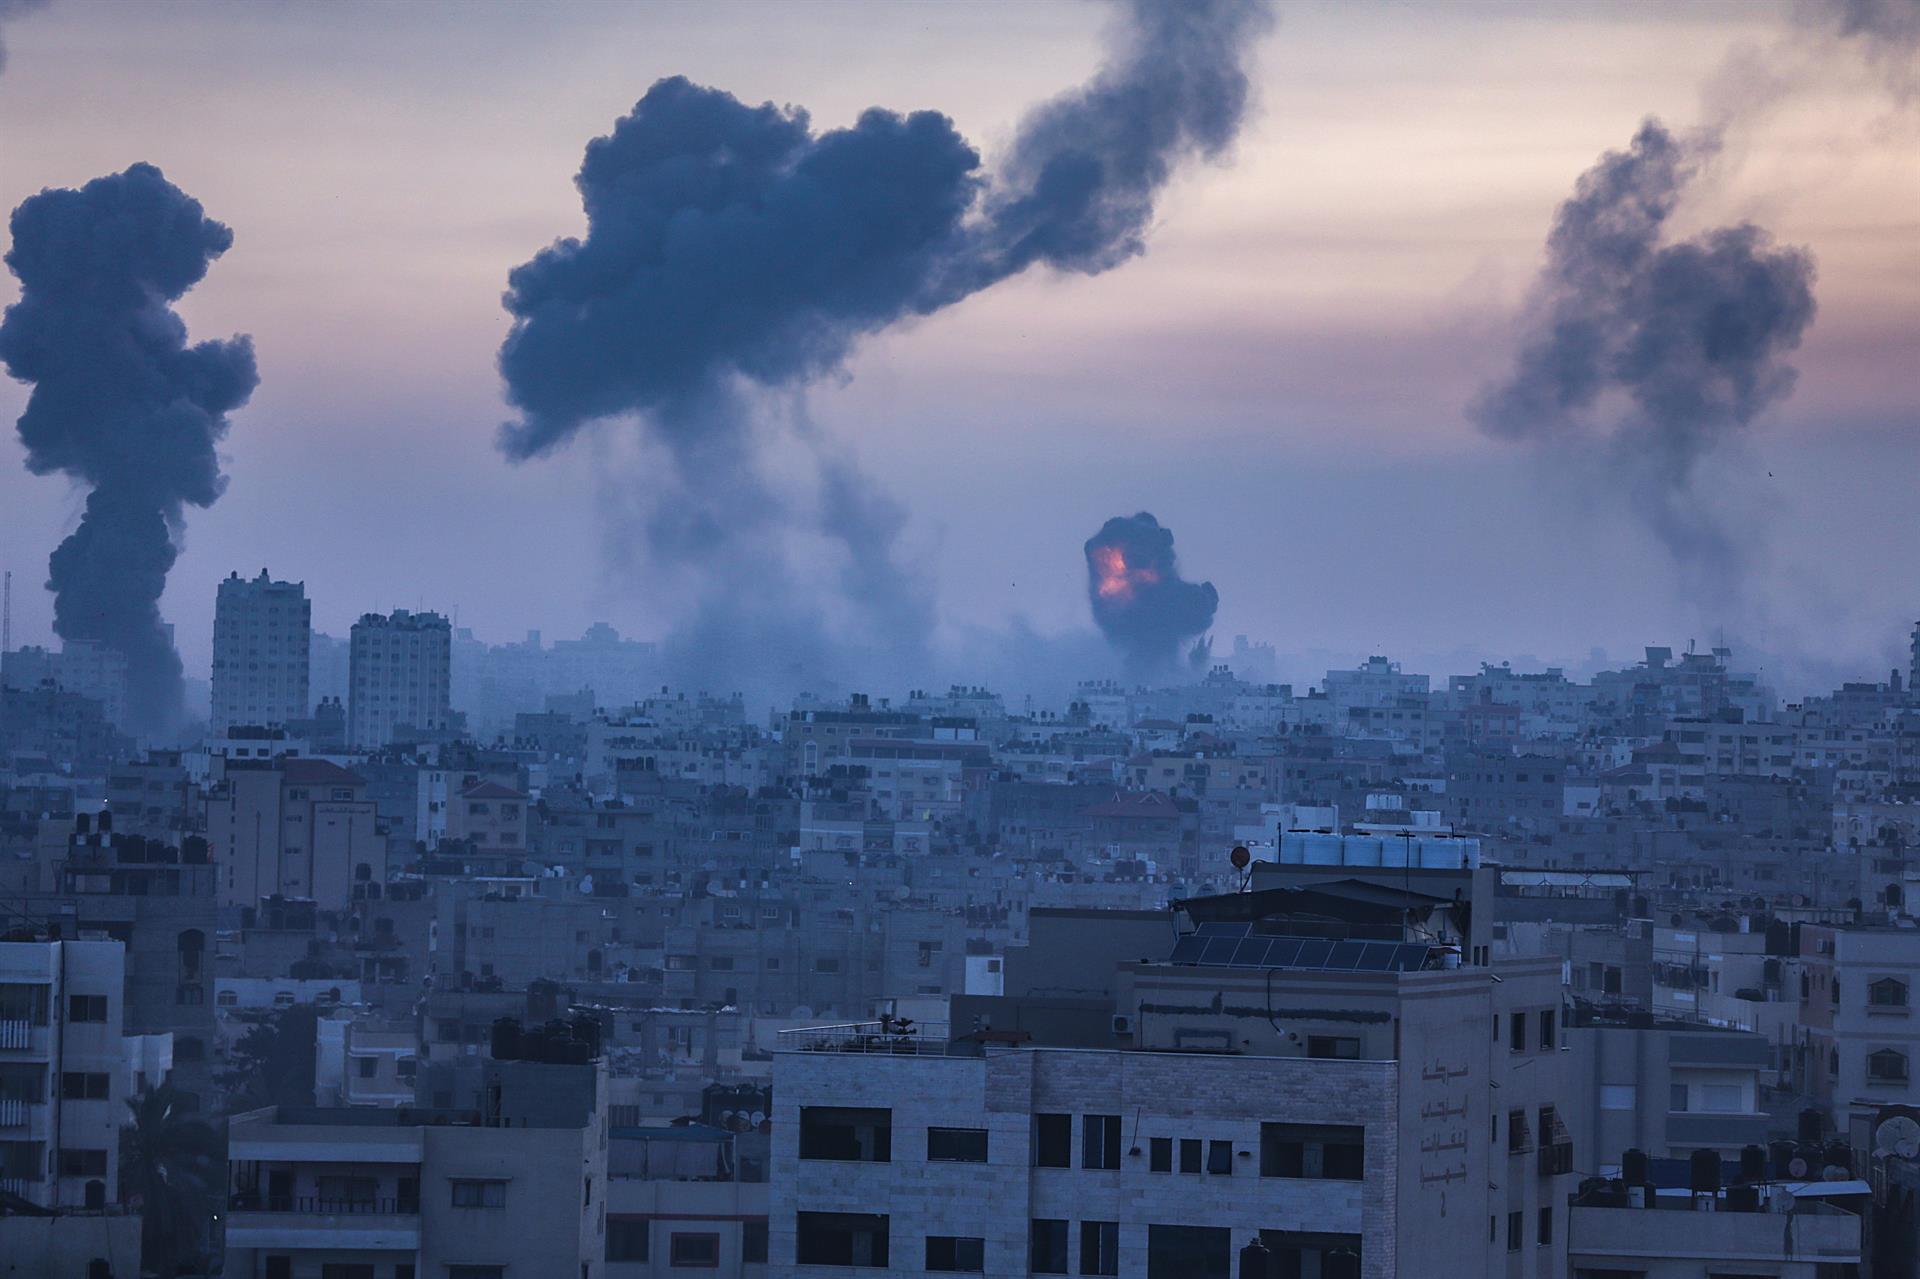 Fumaça e chamas aumentam após um ataque aéreo israelense na Cidade de Gaza nesta quarta-feira, 12